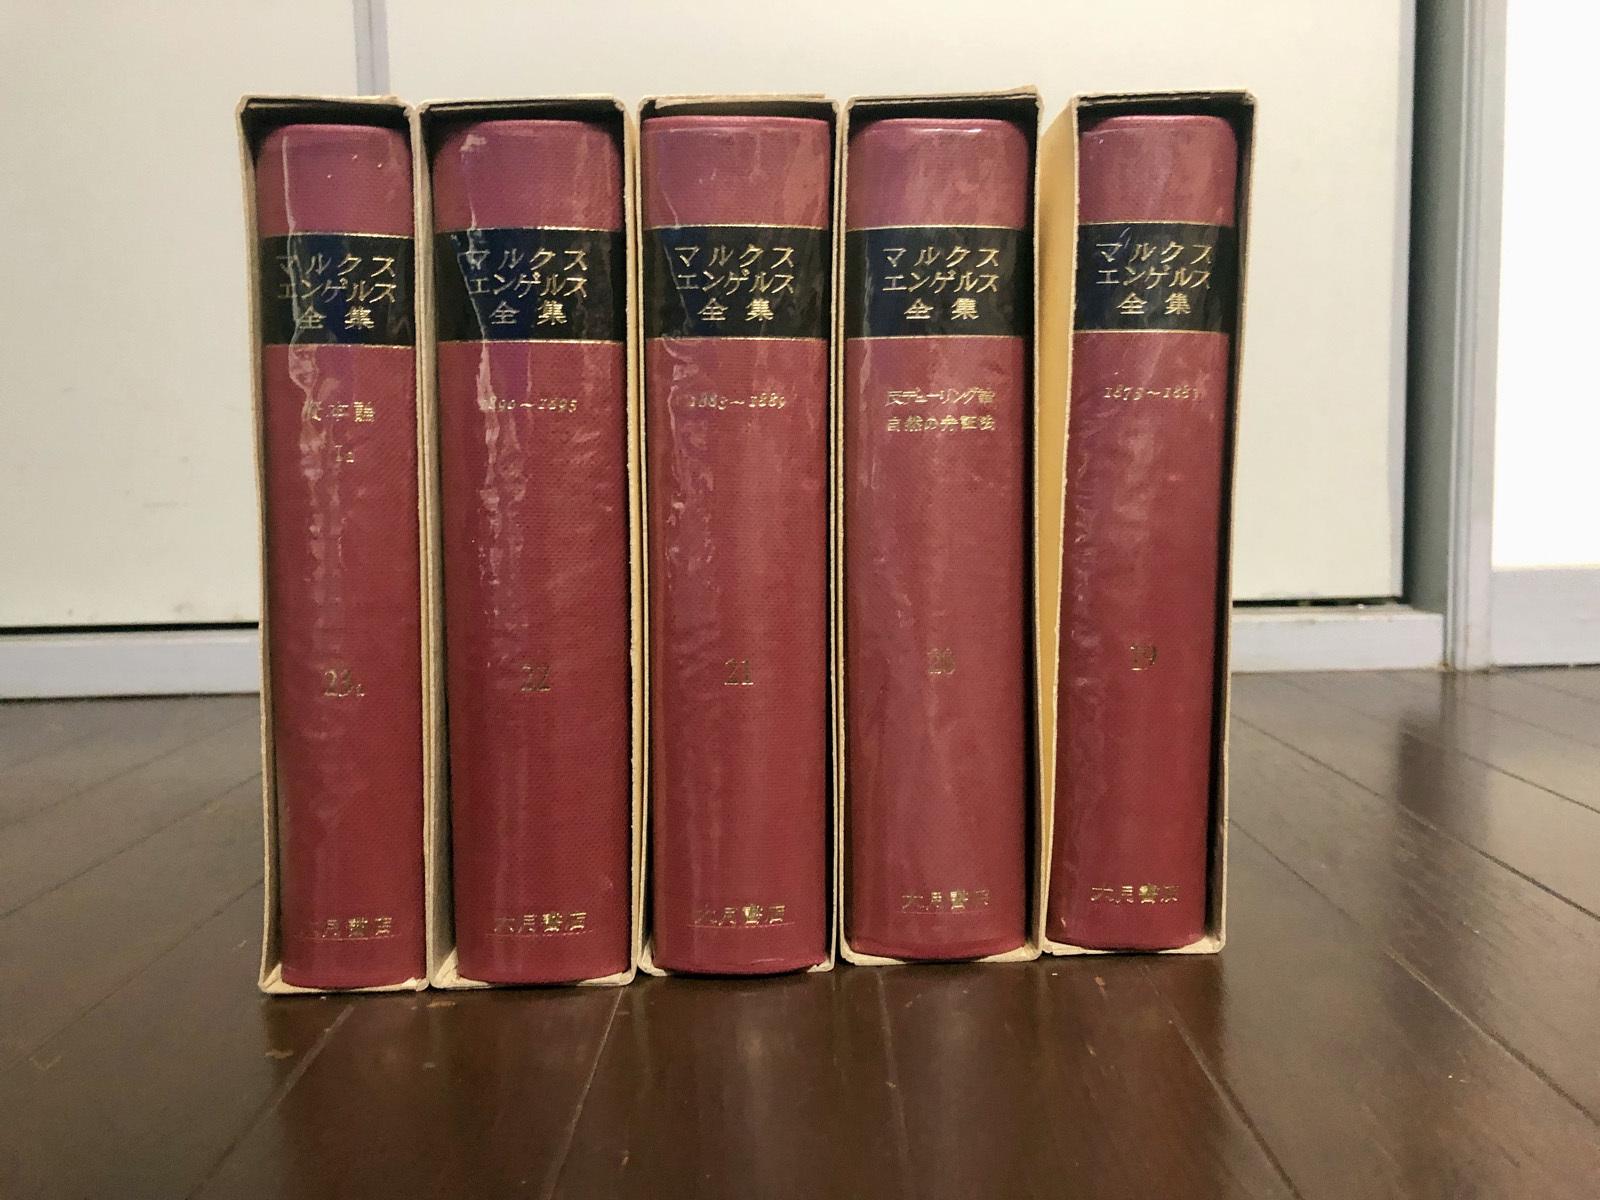 マルクス・エンゲルス全集を全巻読むことにした_e0367501_21311107.jpg